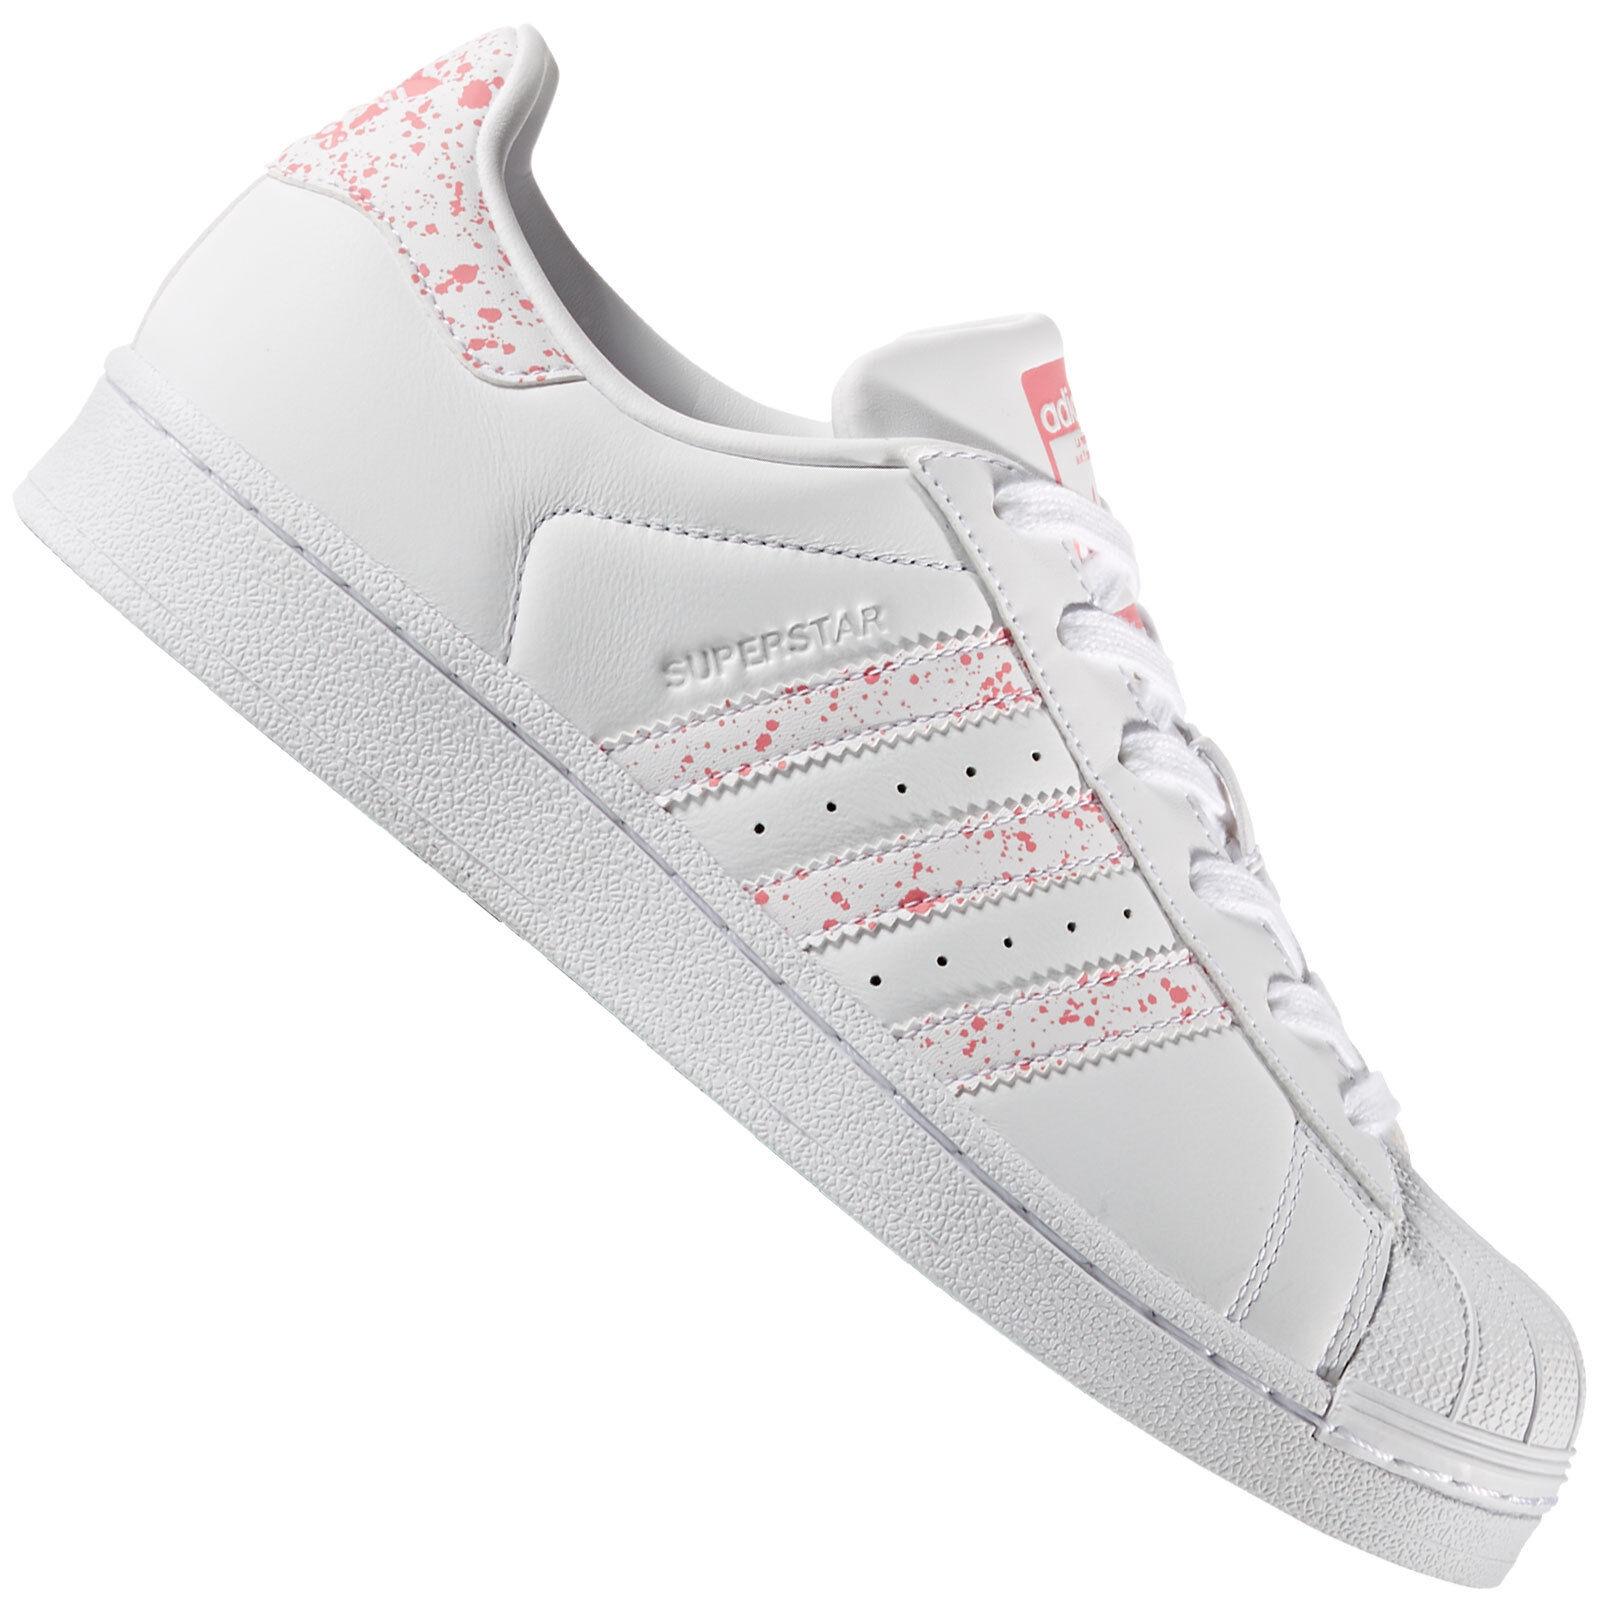 Adidas Originals Superstar Femmes-baskets Baskets Tactile Rose by2951